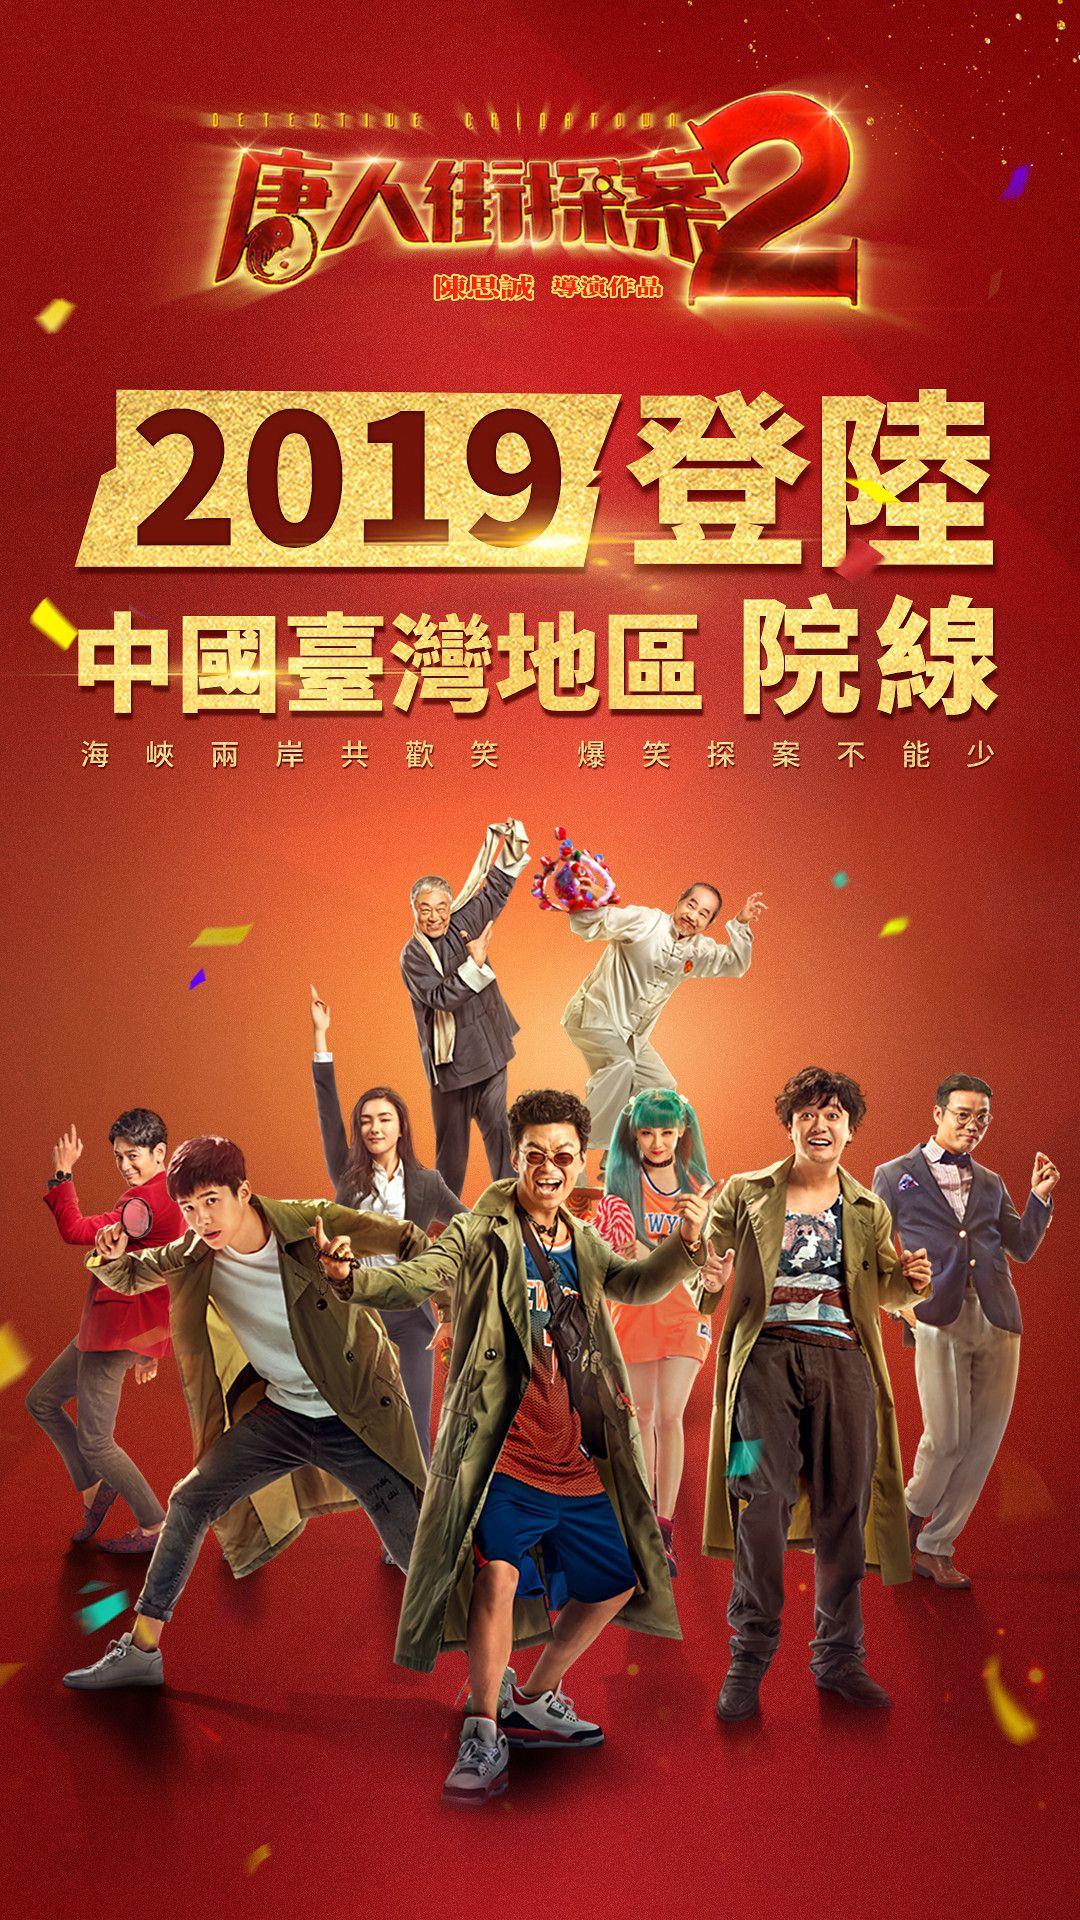 《唐人街探案2》2019登陆中国台湾院线,海峡两岸共欢笑